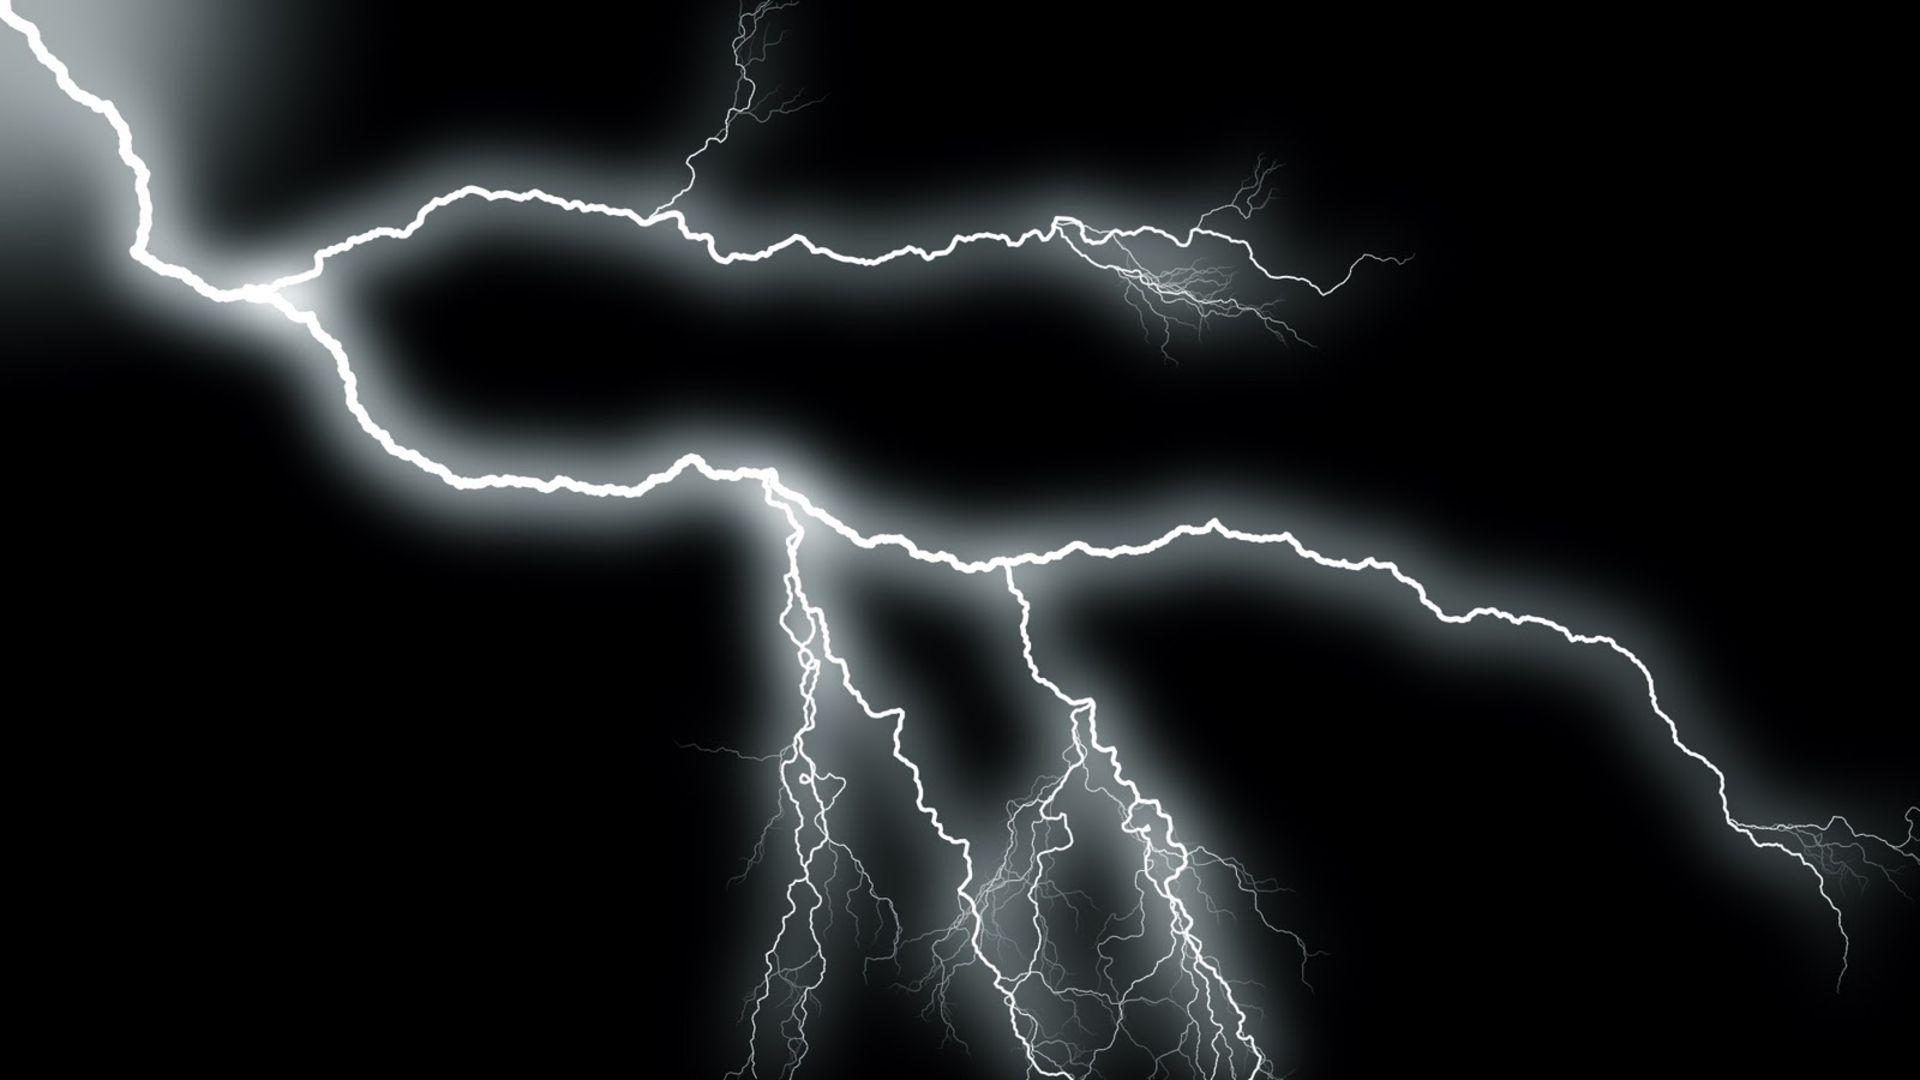 Lightning Bolt Wallpaper Jpg 1 920 1 080 Pixels Dark Black Wallpaper Black Wallpaper Black Lightning